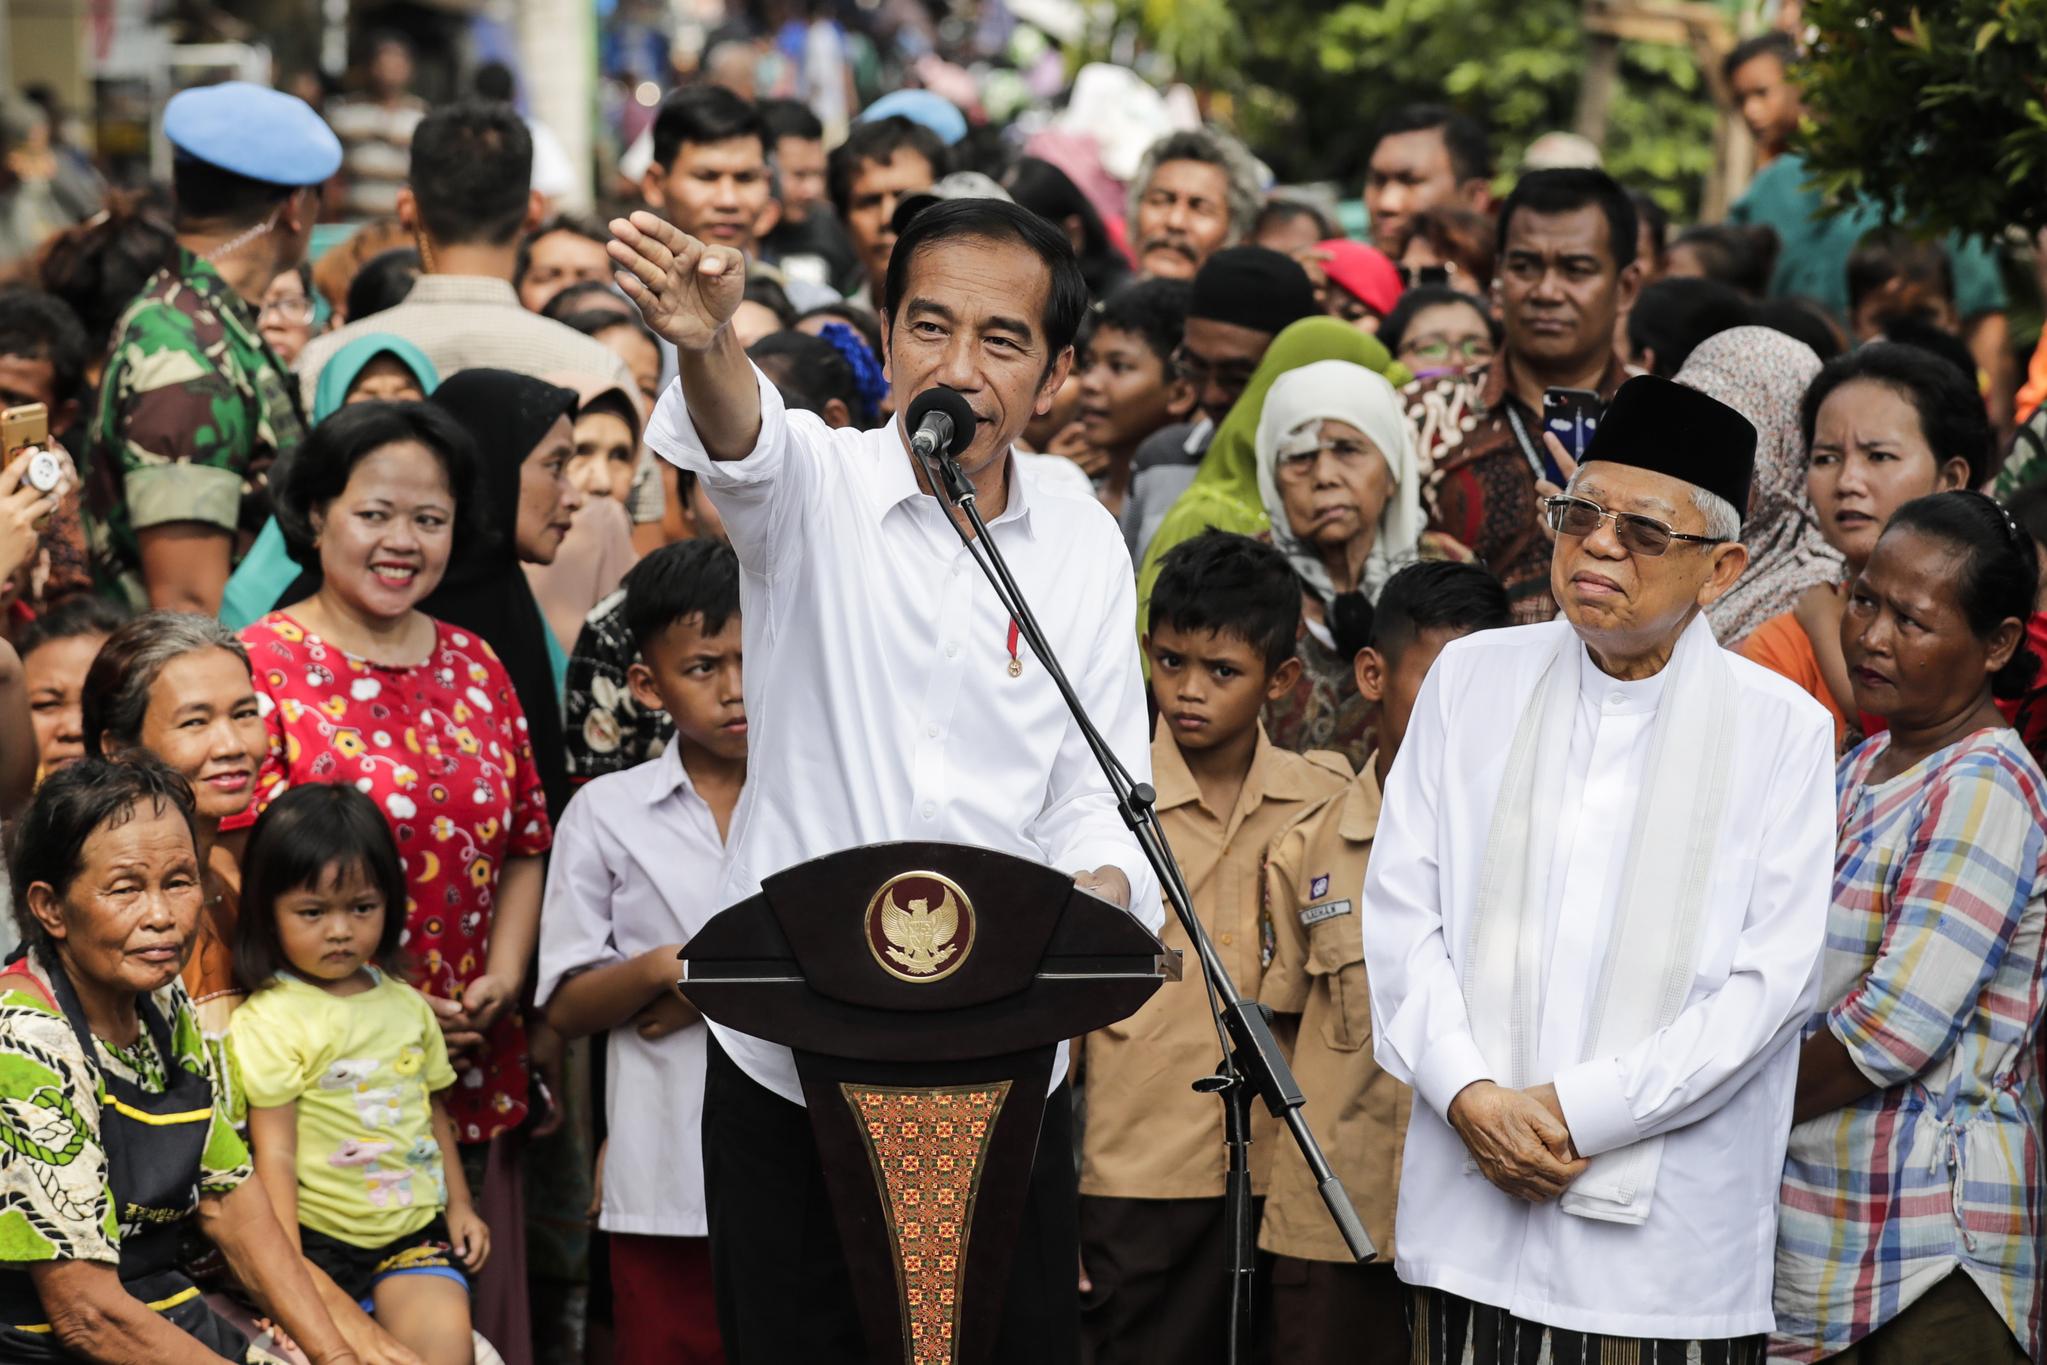 재임에 성공한 조코 위도도 인도네시아 대통령(가운데)이 21일(현지시간) 자카르타 빈민가에서 승리 연설을 하고 있다. [EPA=연합뉴스]